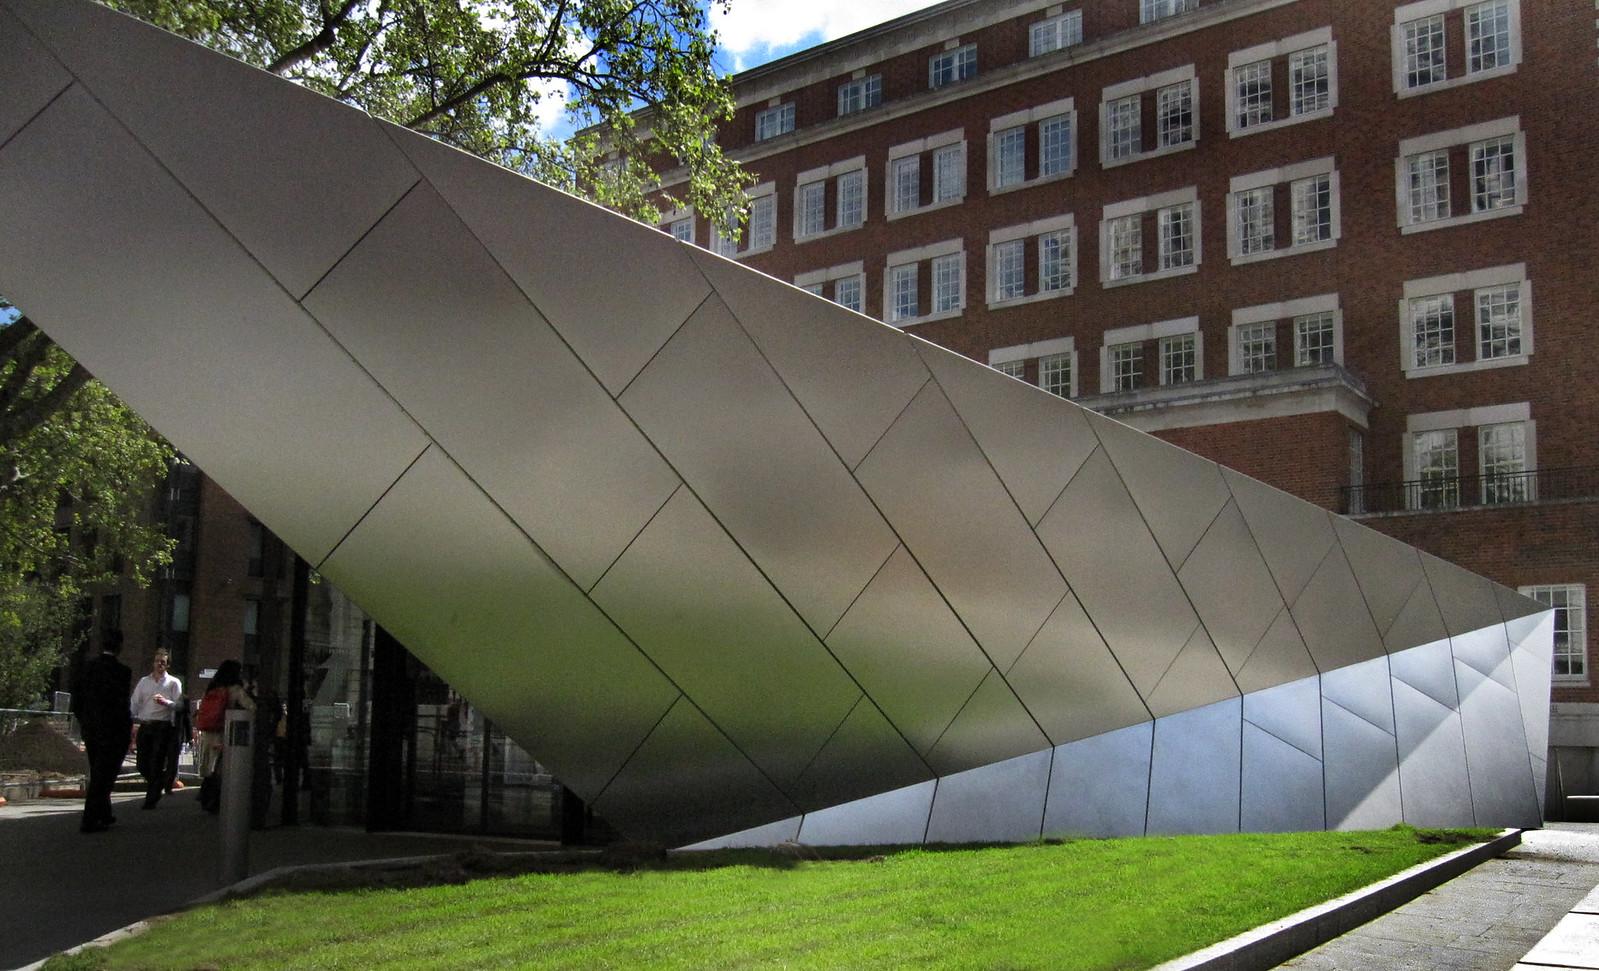 London 417